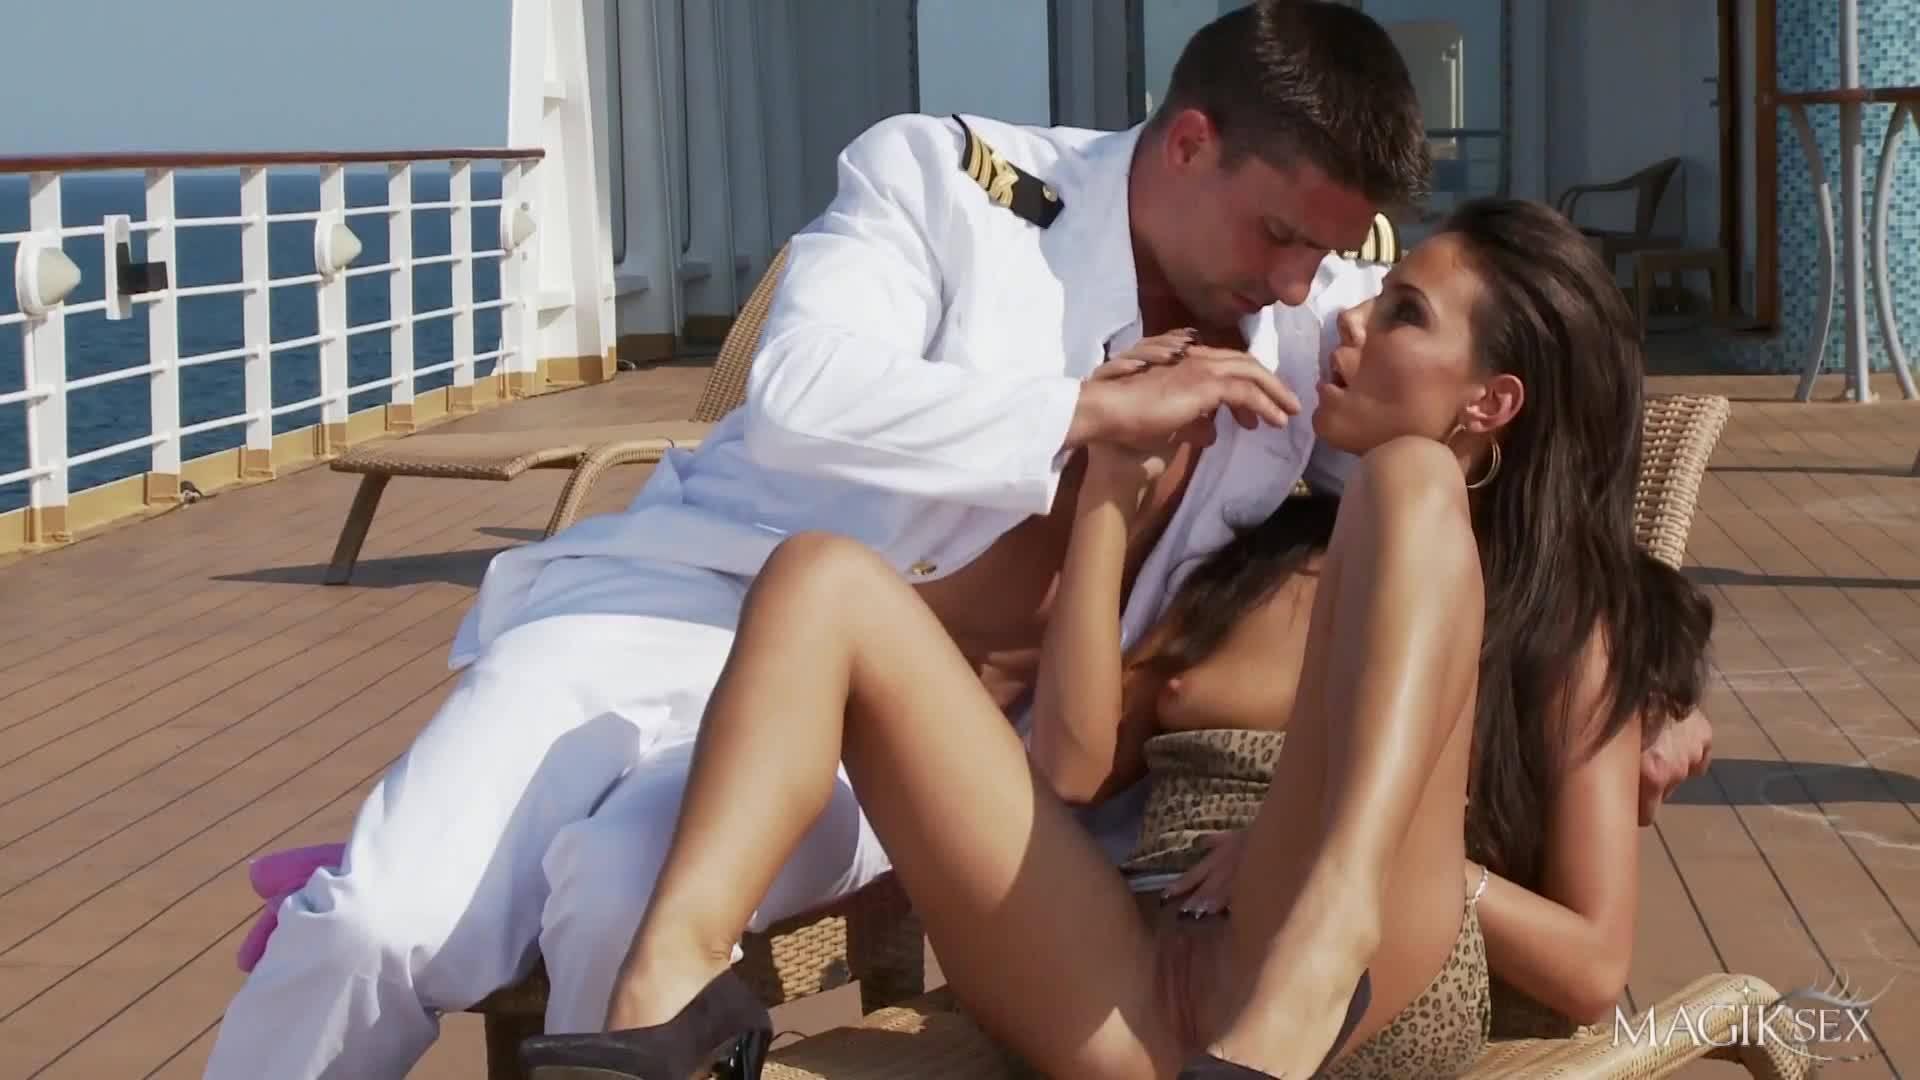 Жесткая ебля на палубе корабля с молоденьким капитаном